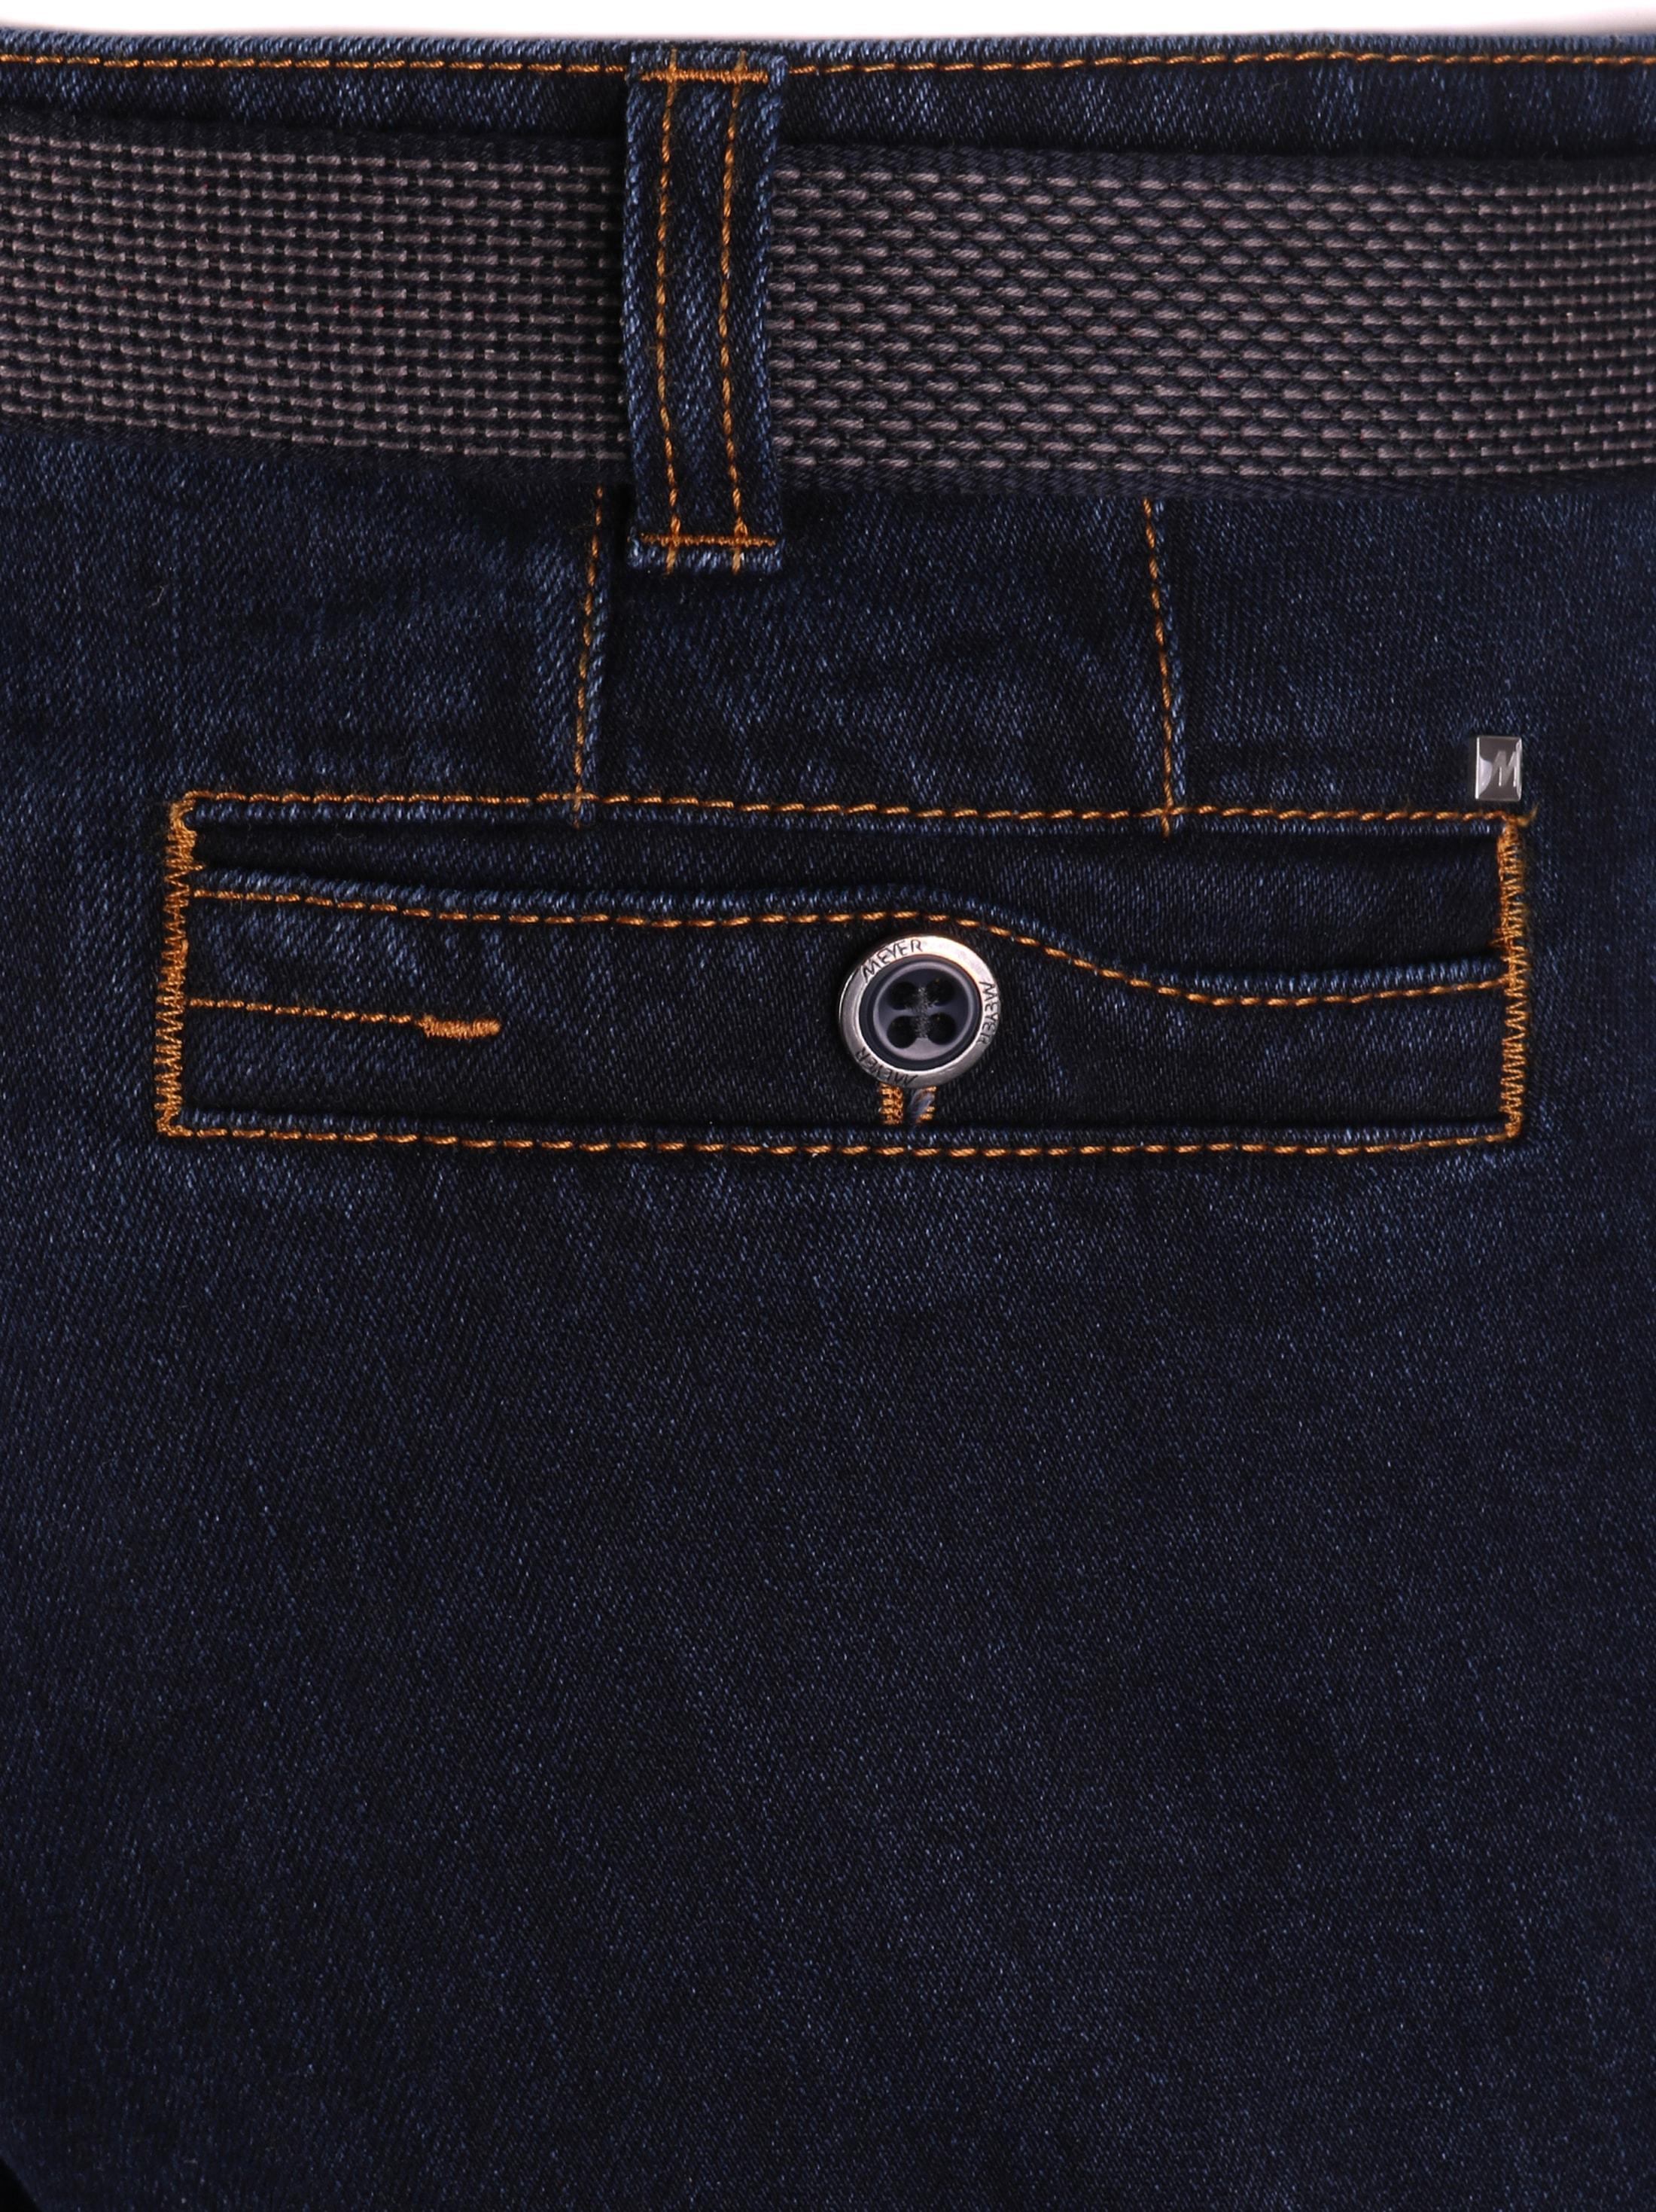 Meyer Jeans Diego Blauw foto 4